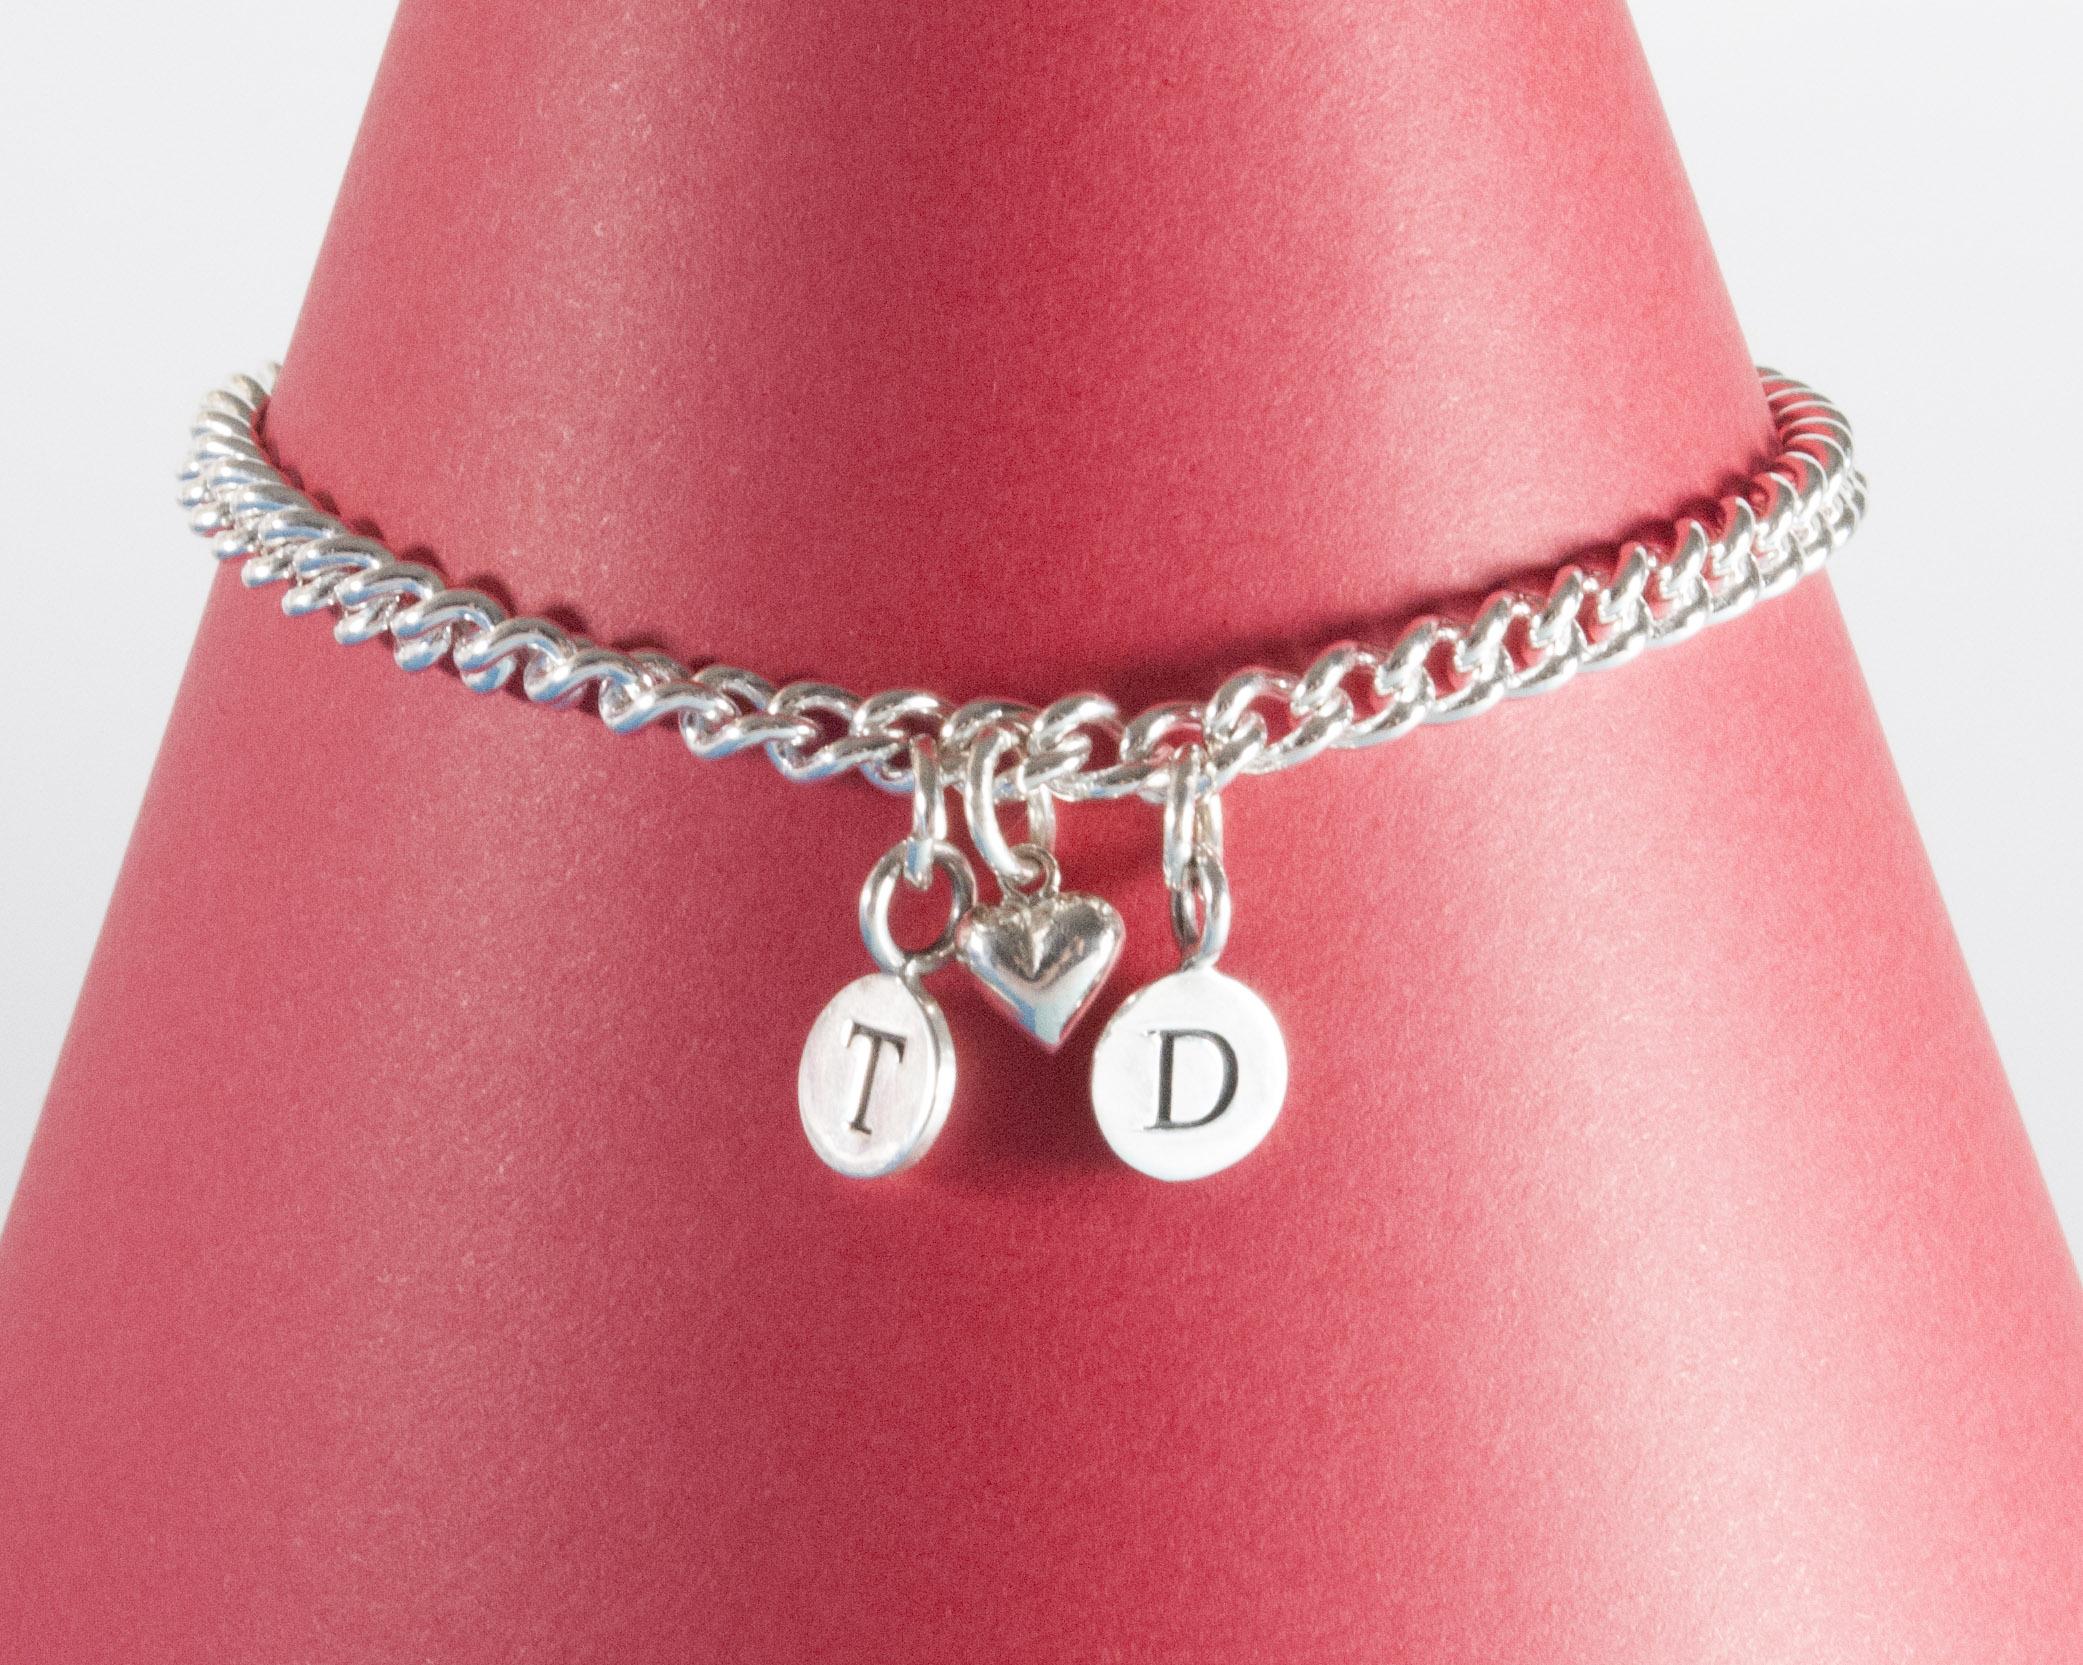 personalised bracelet